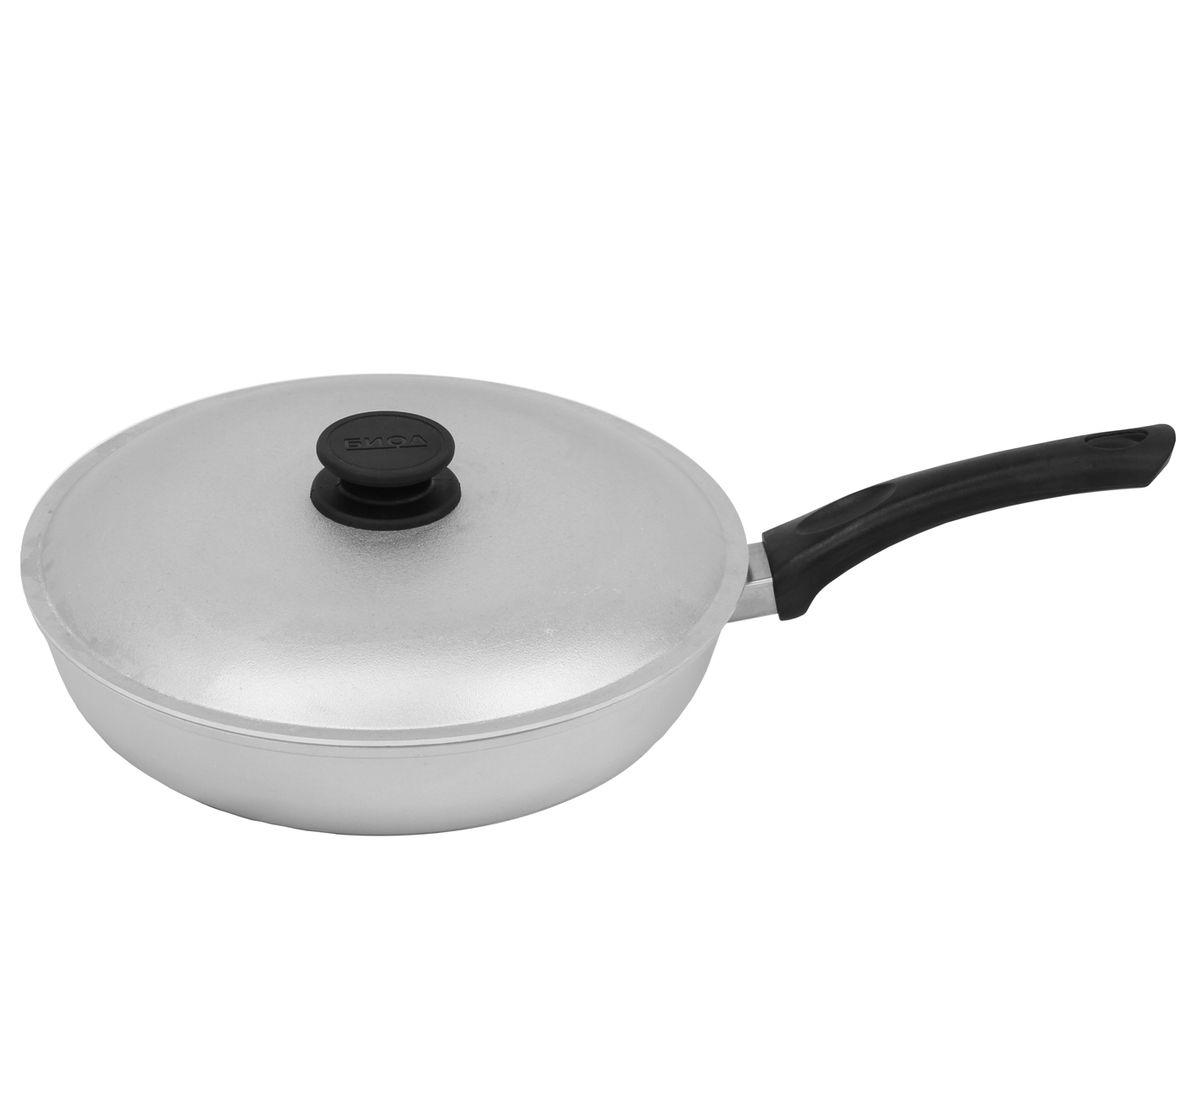 Сковорода, диаметр 22 см, с пластиковой ручкой и крышкой БИОЛА223